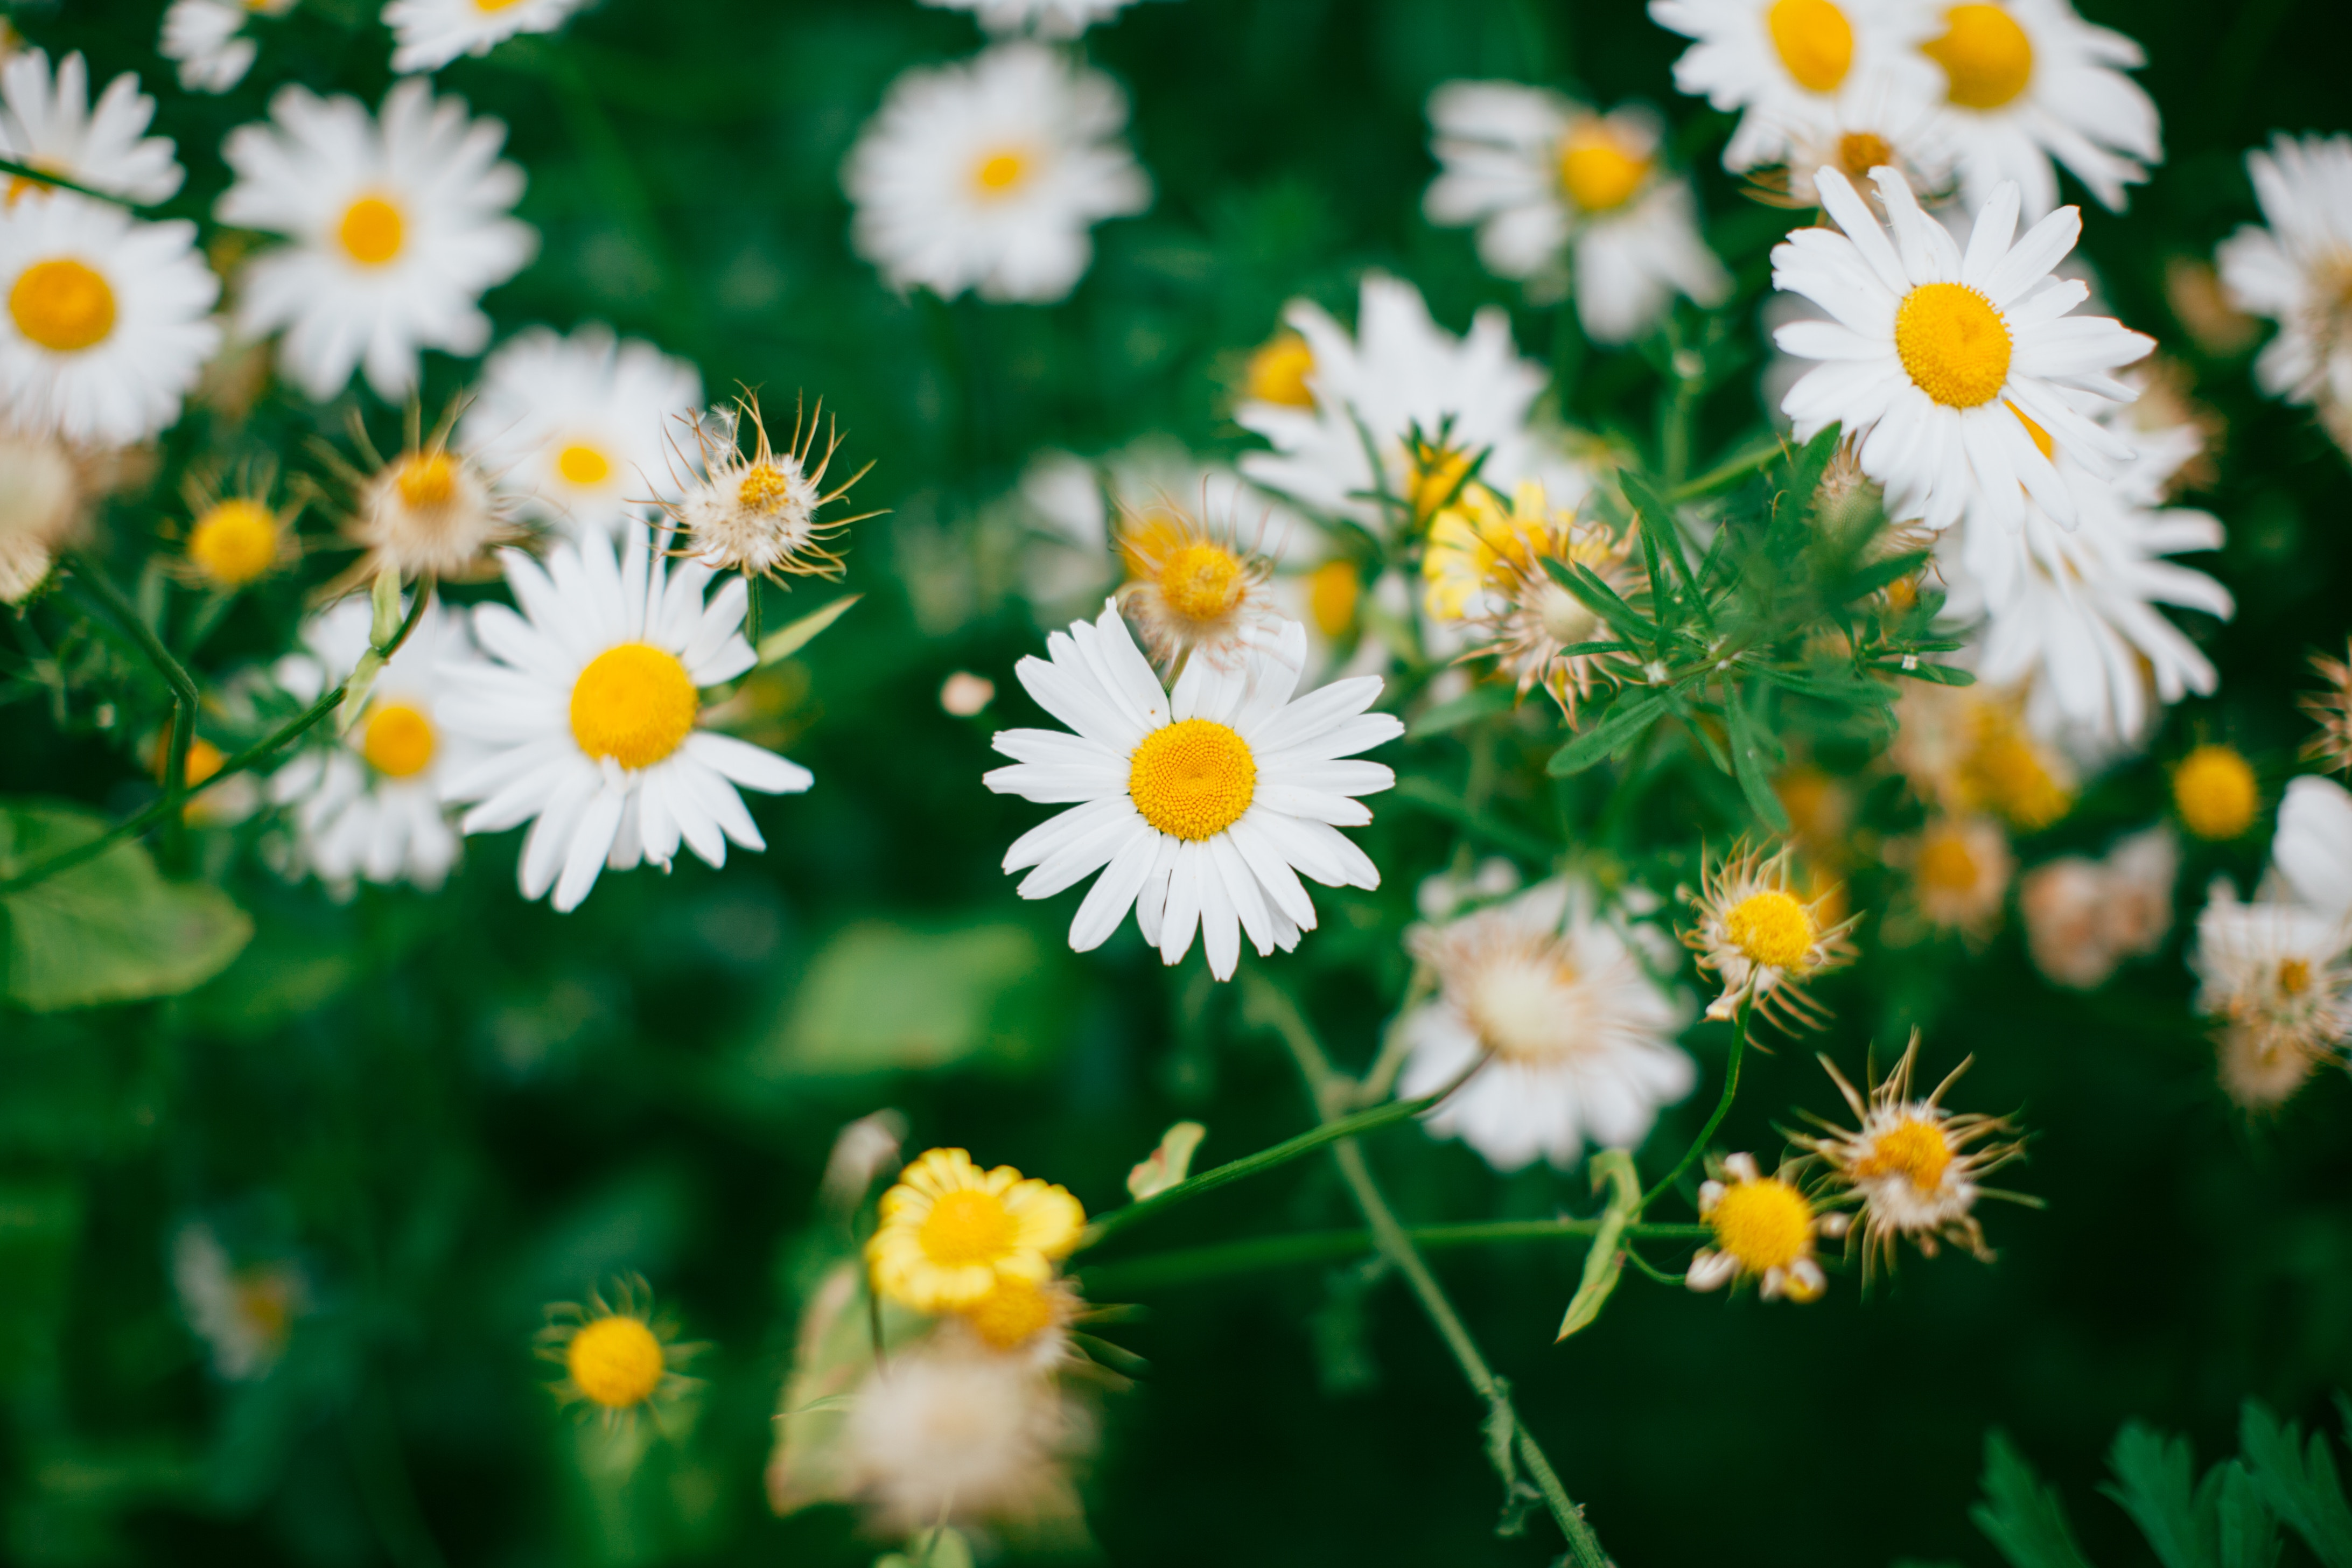 104187 Заставки и Обои Ромашки на телефон. Скачать Цветы, Ромашки, Цветение, Полевой, Размытость картинки бесплатно